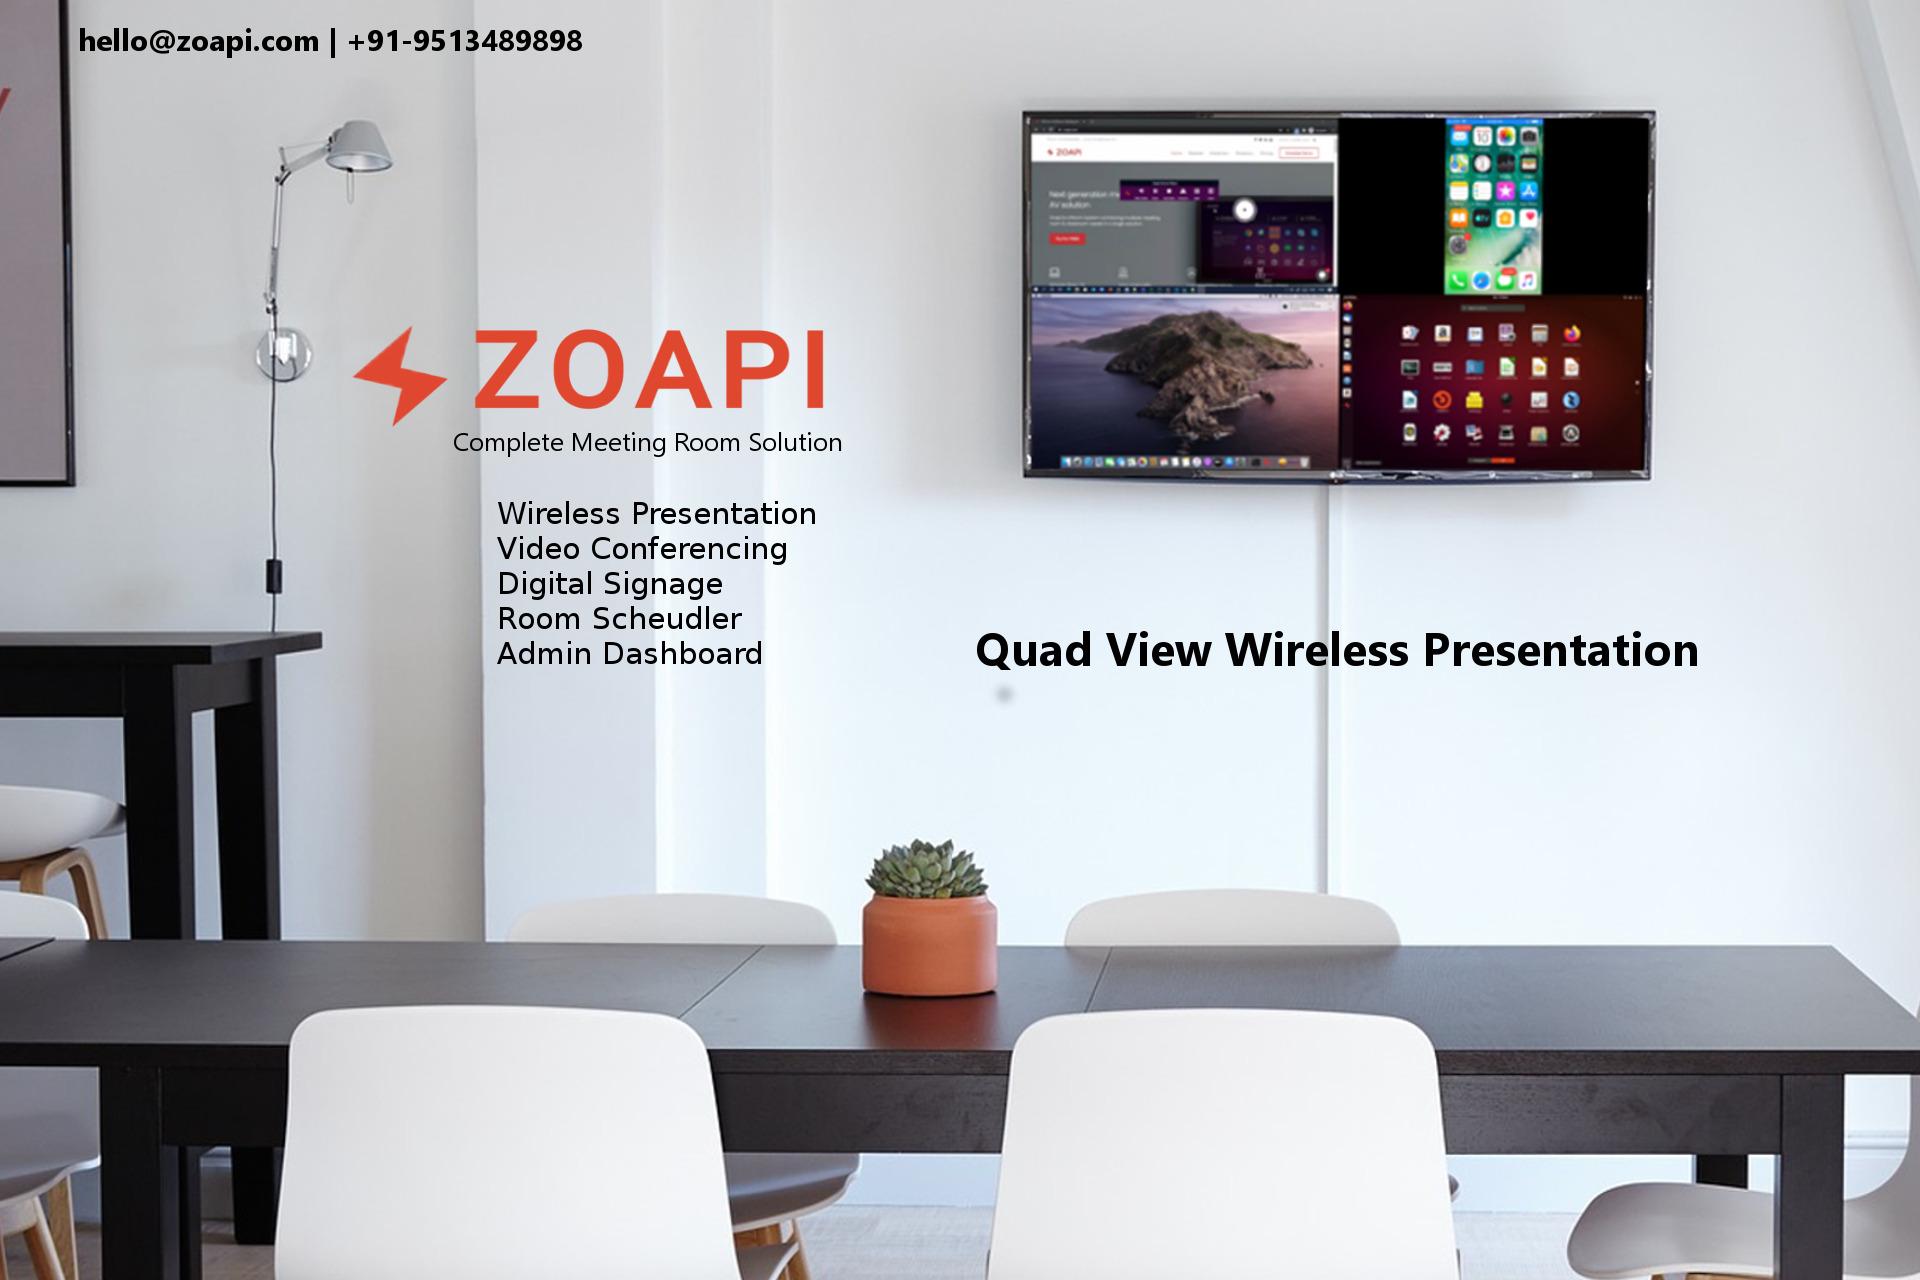 Zoapi Quad view Wireless Presentation